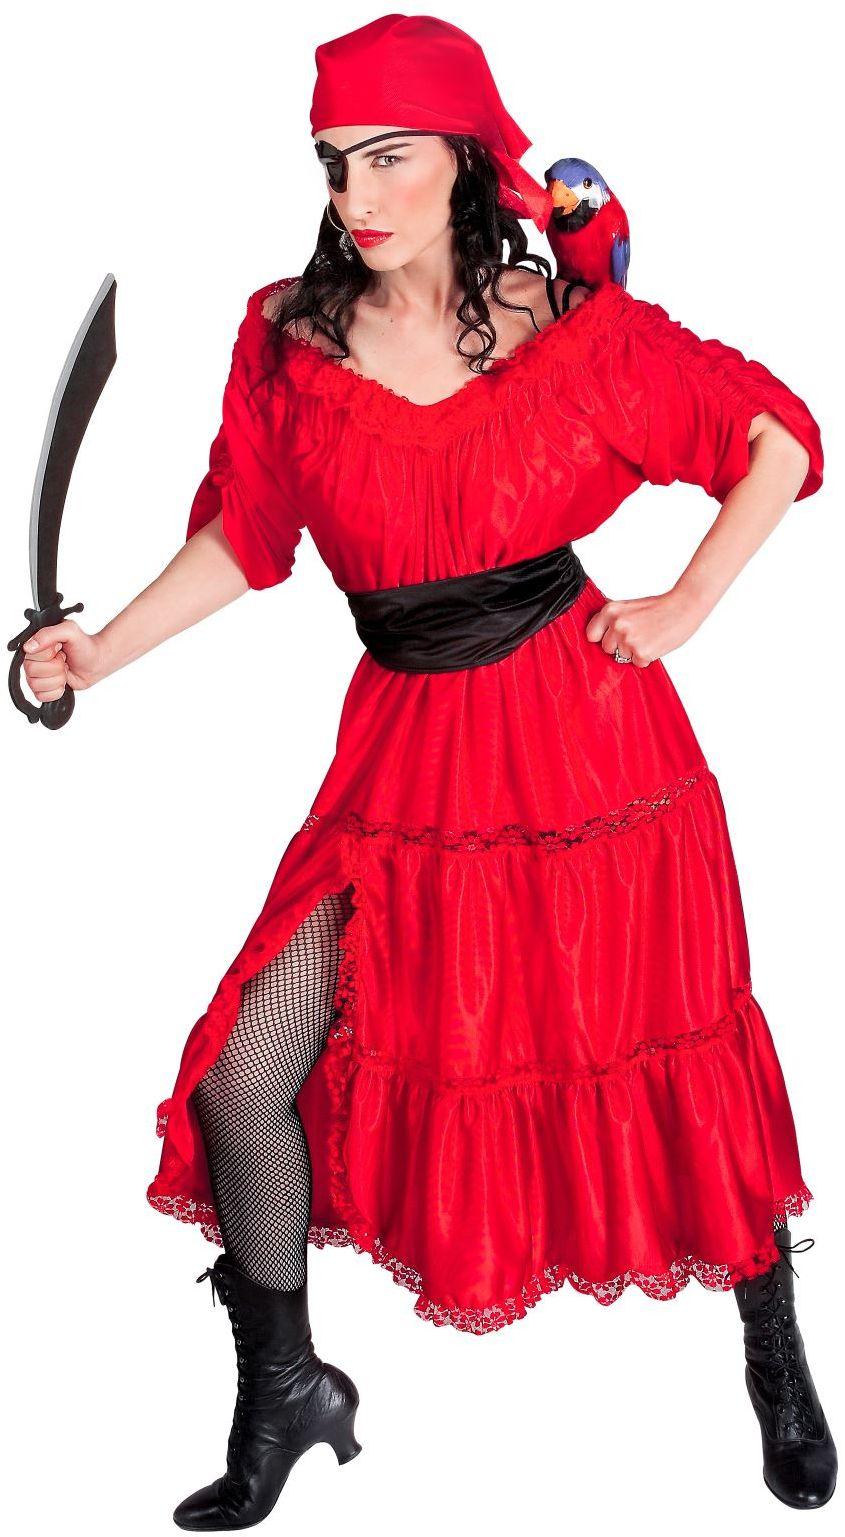 Caraïbische Piraten kostuum, rood